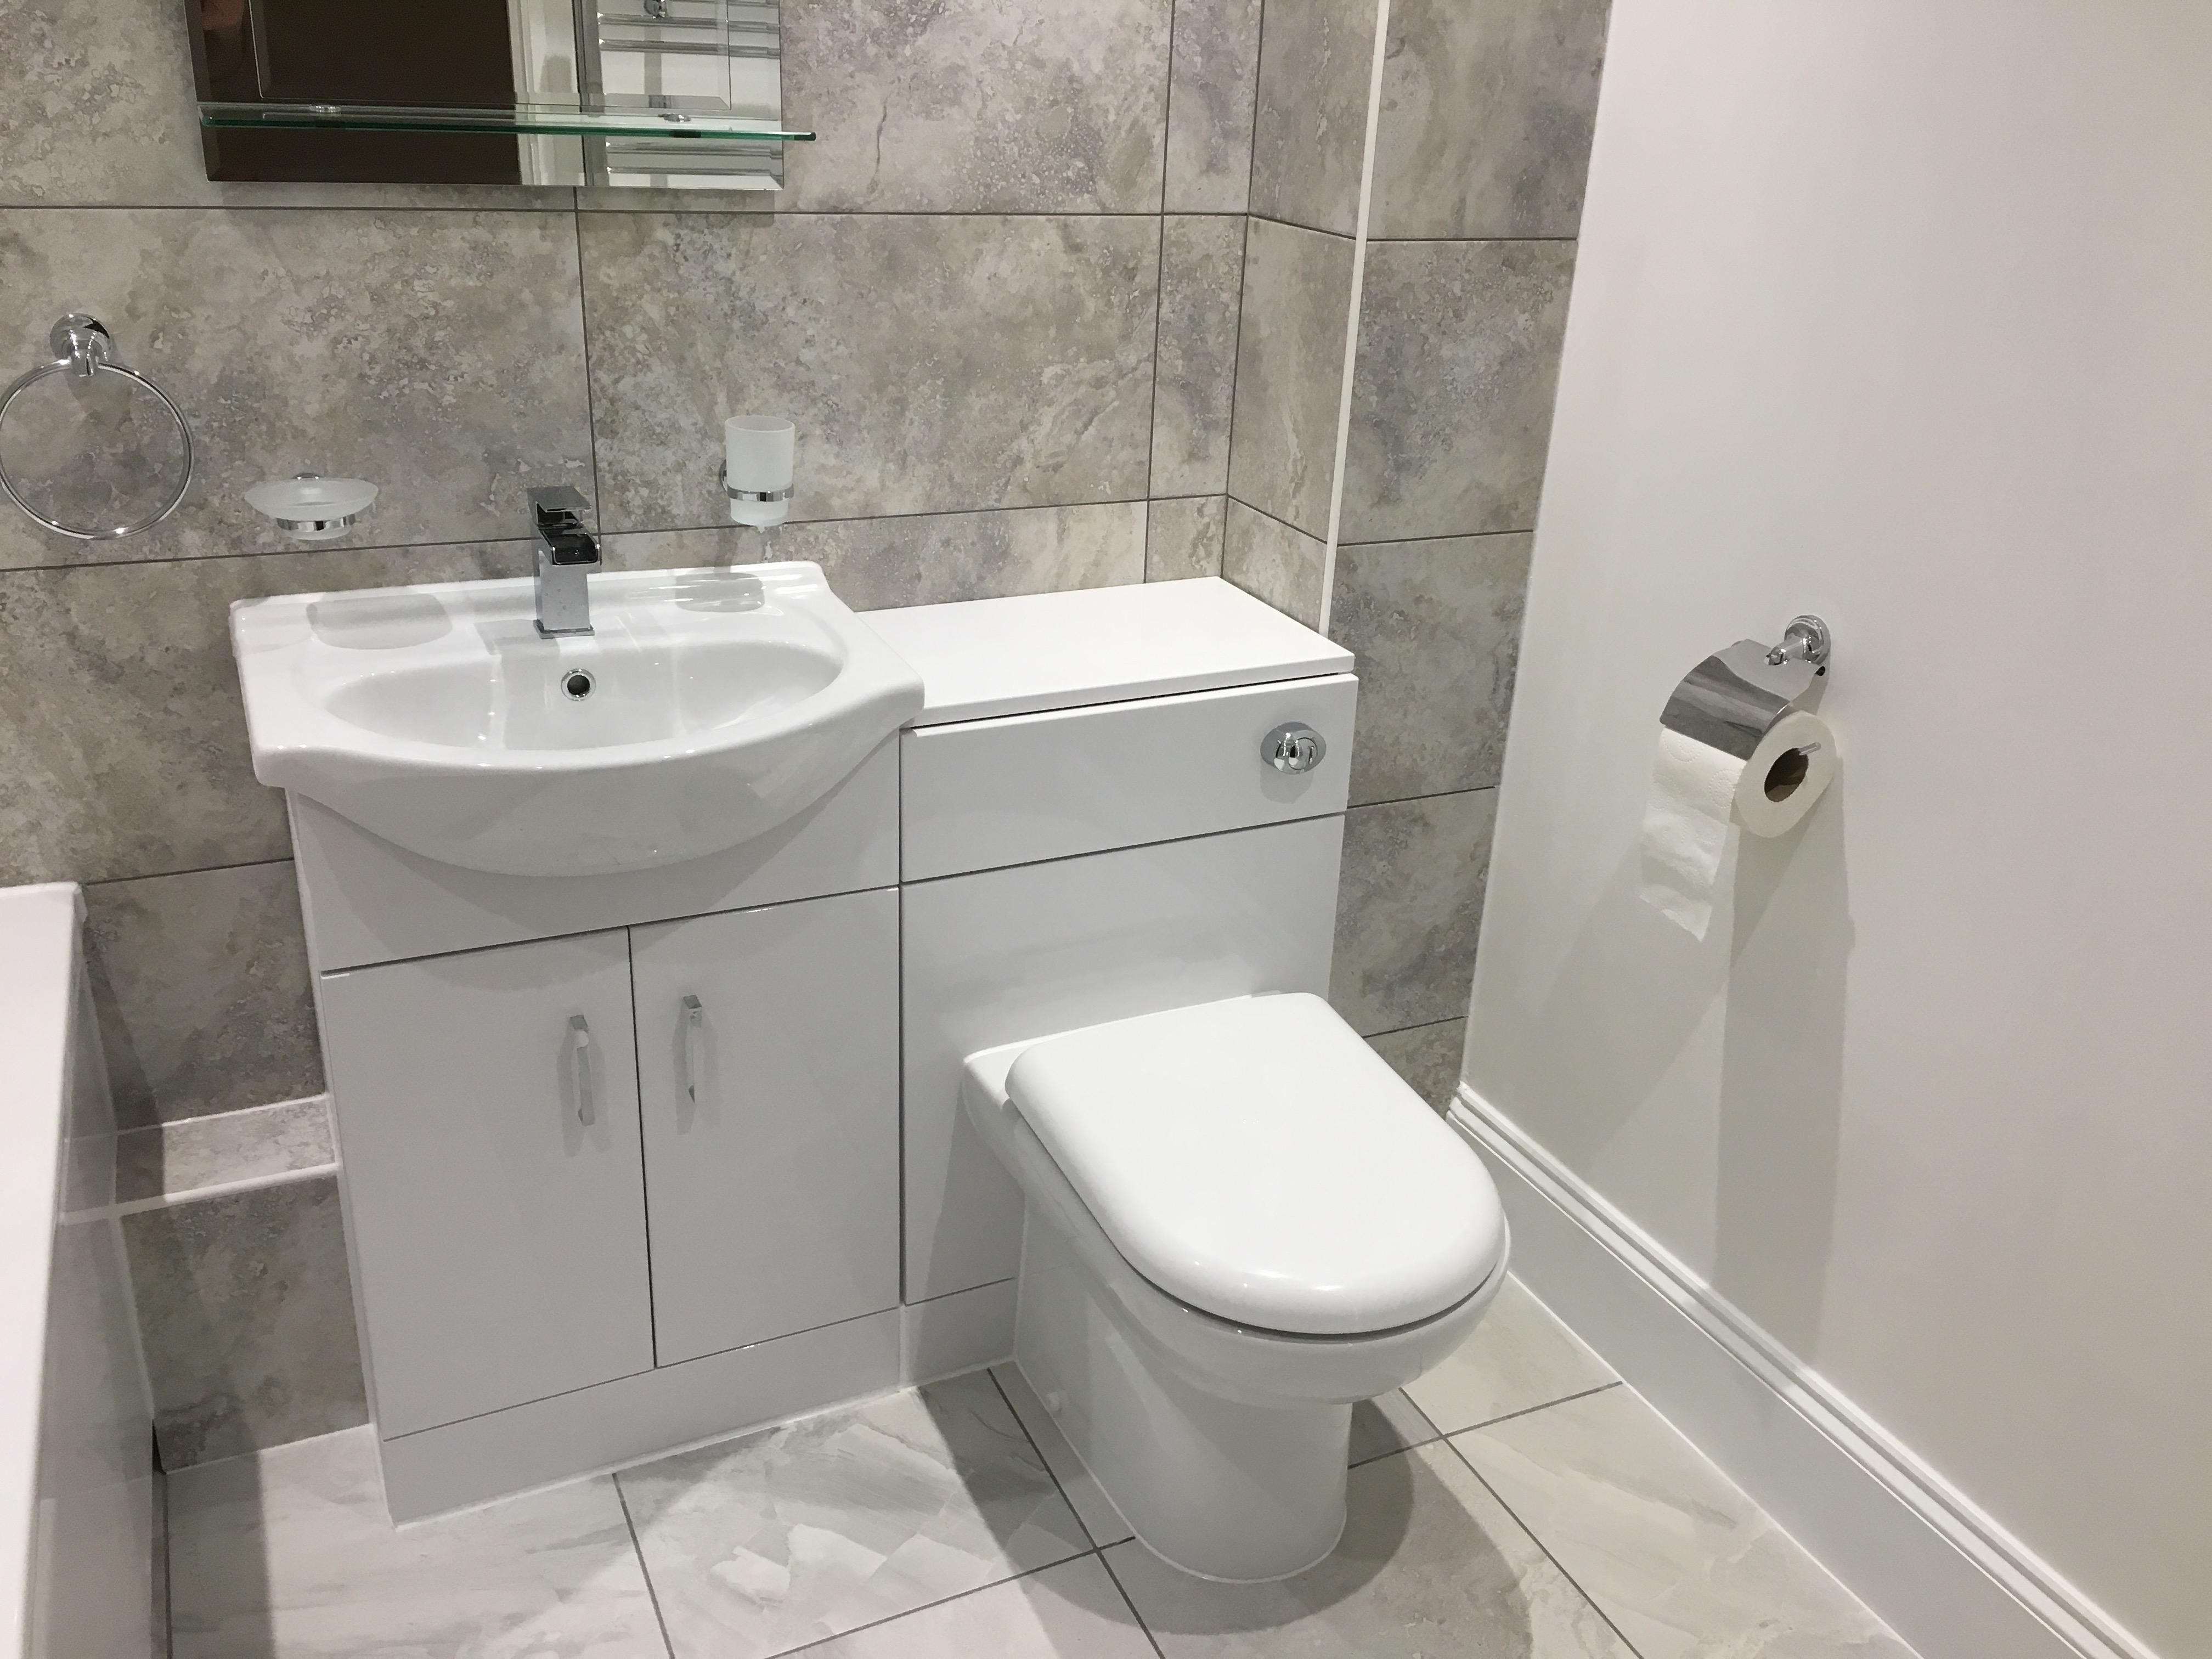 Bathroom refurbishment in Chippenham